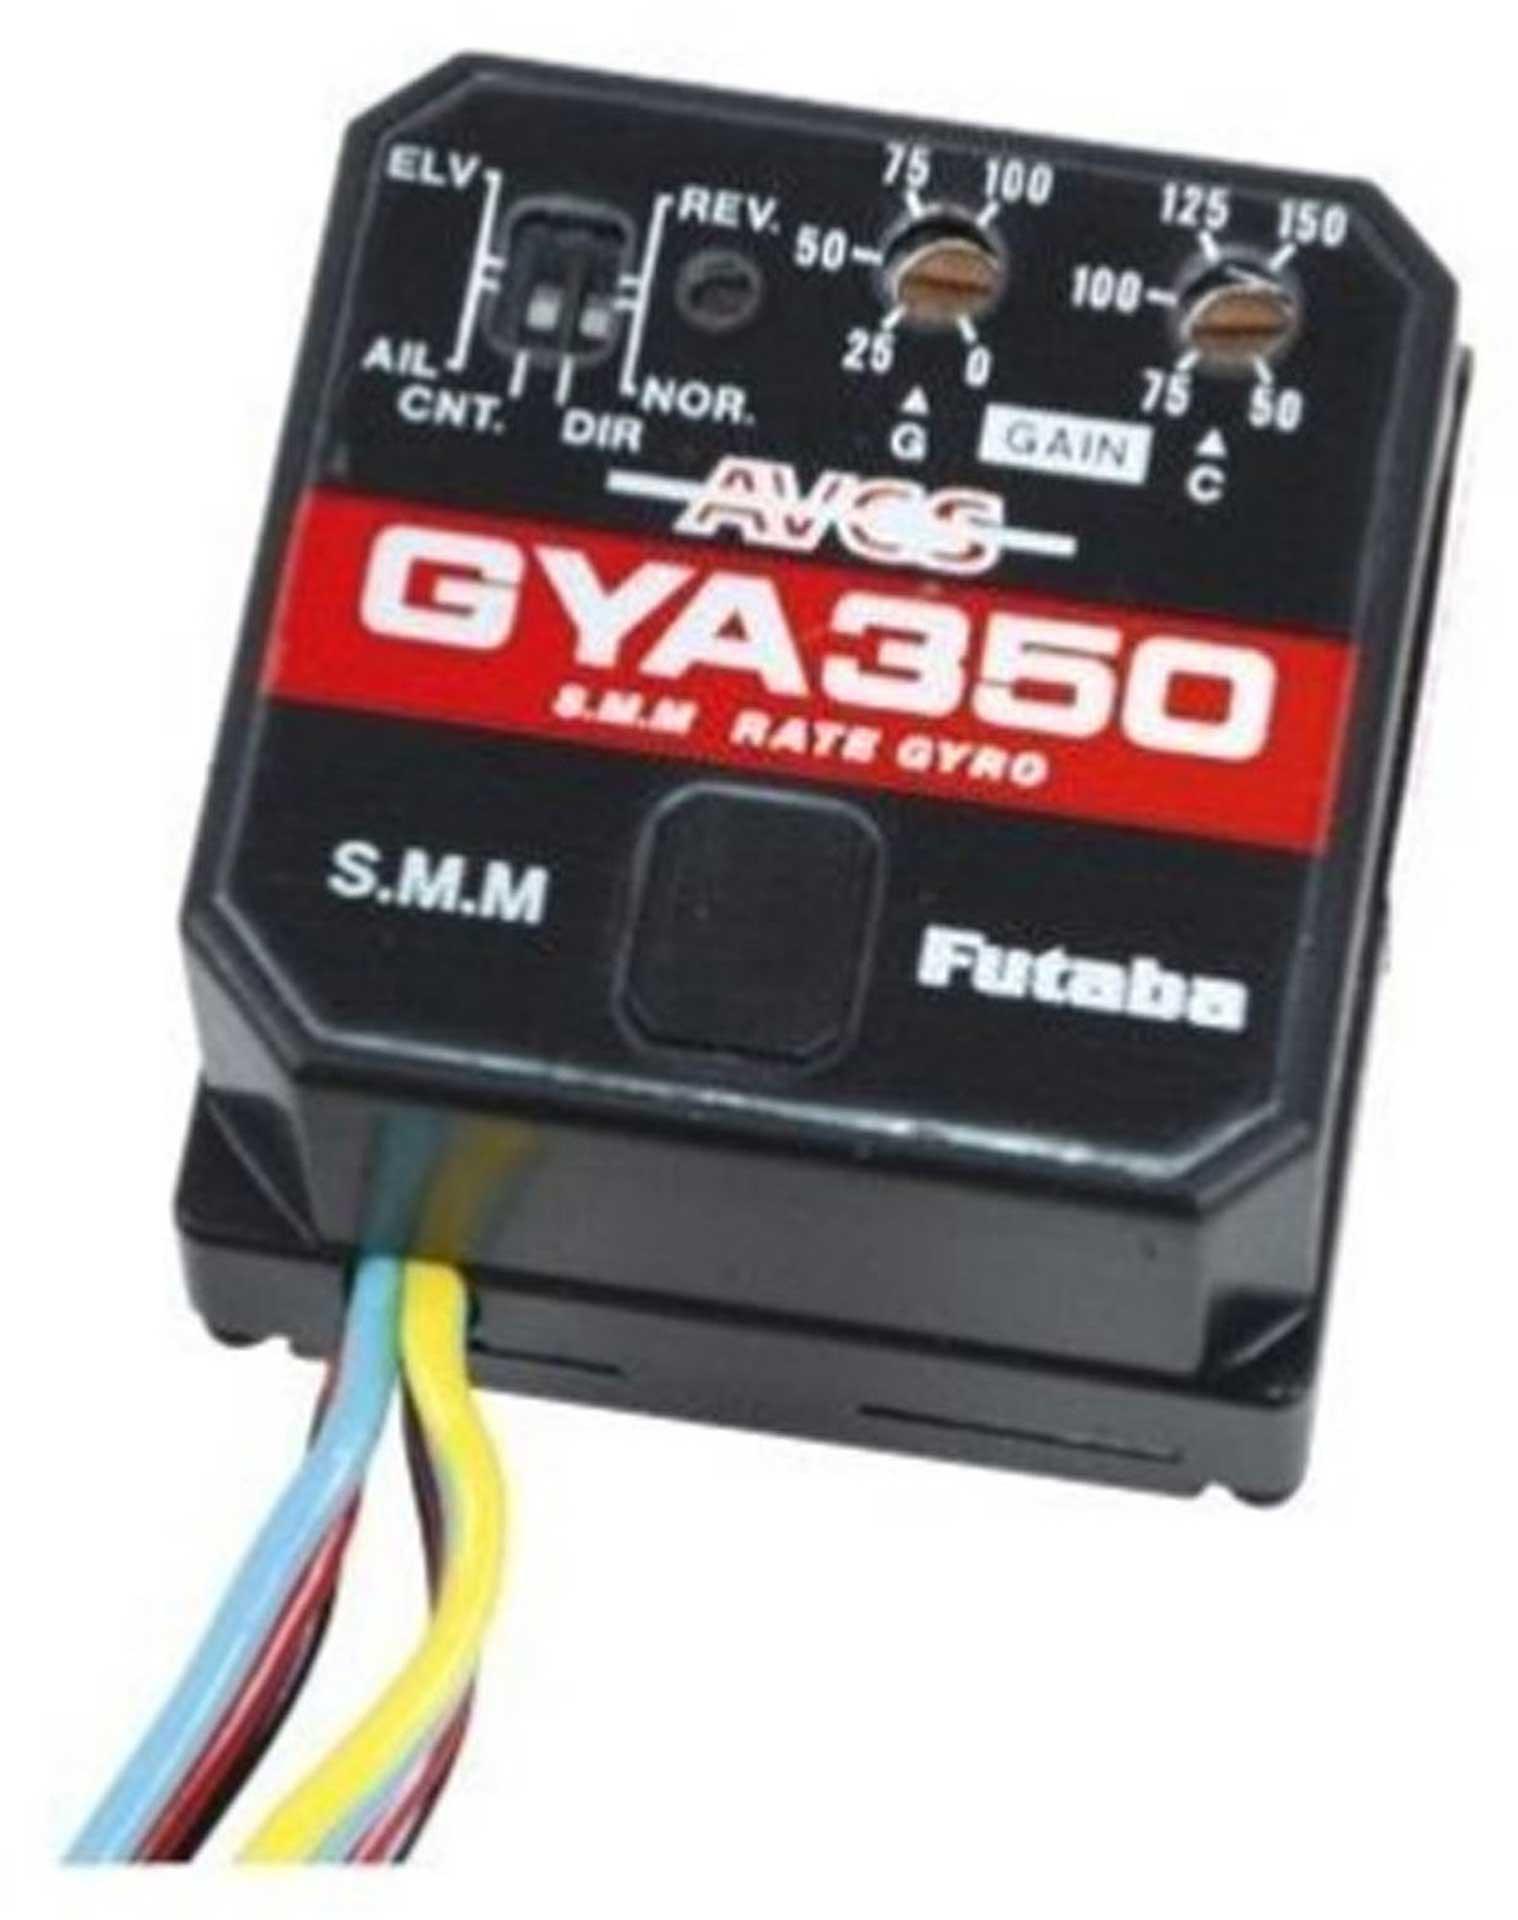 FUTABA Aero-Kreisel GYA350